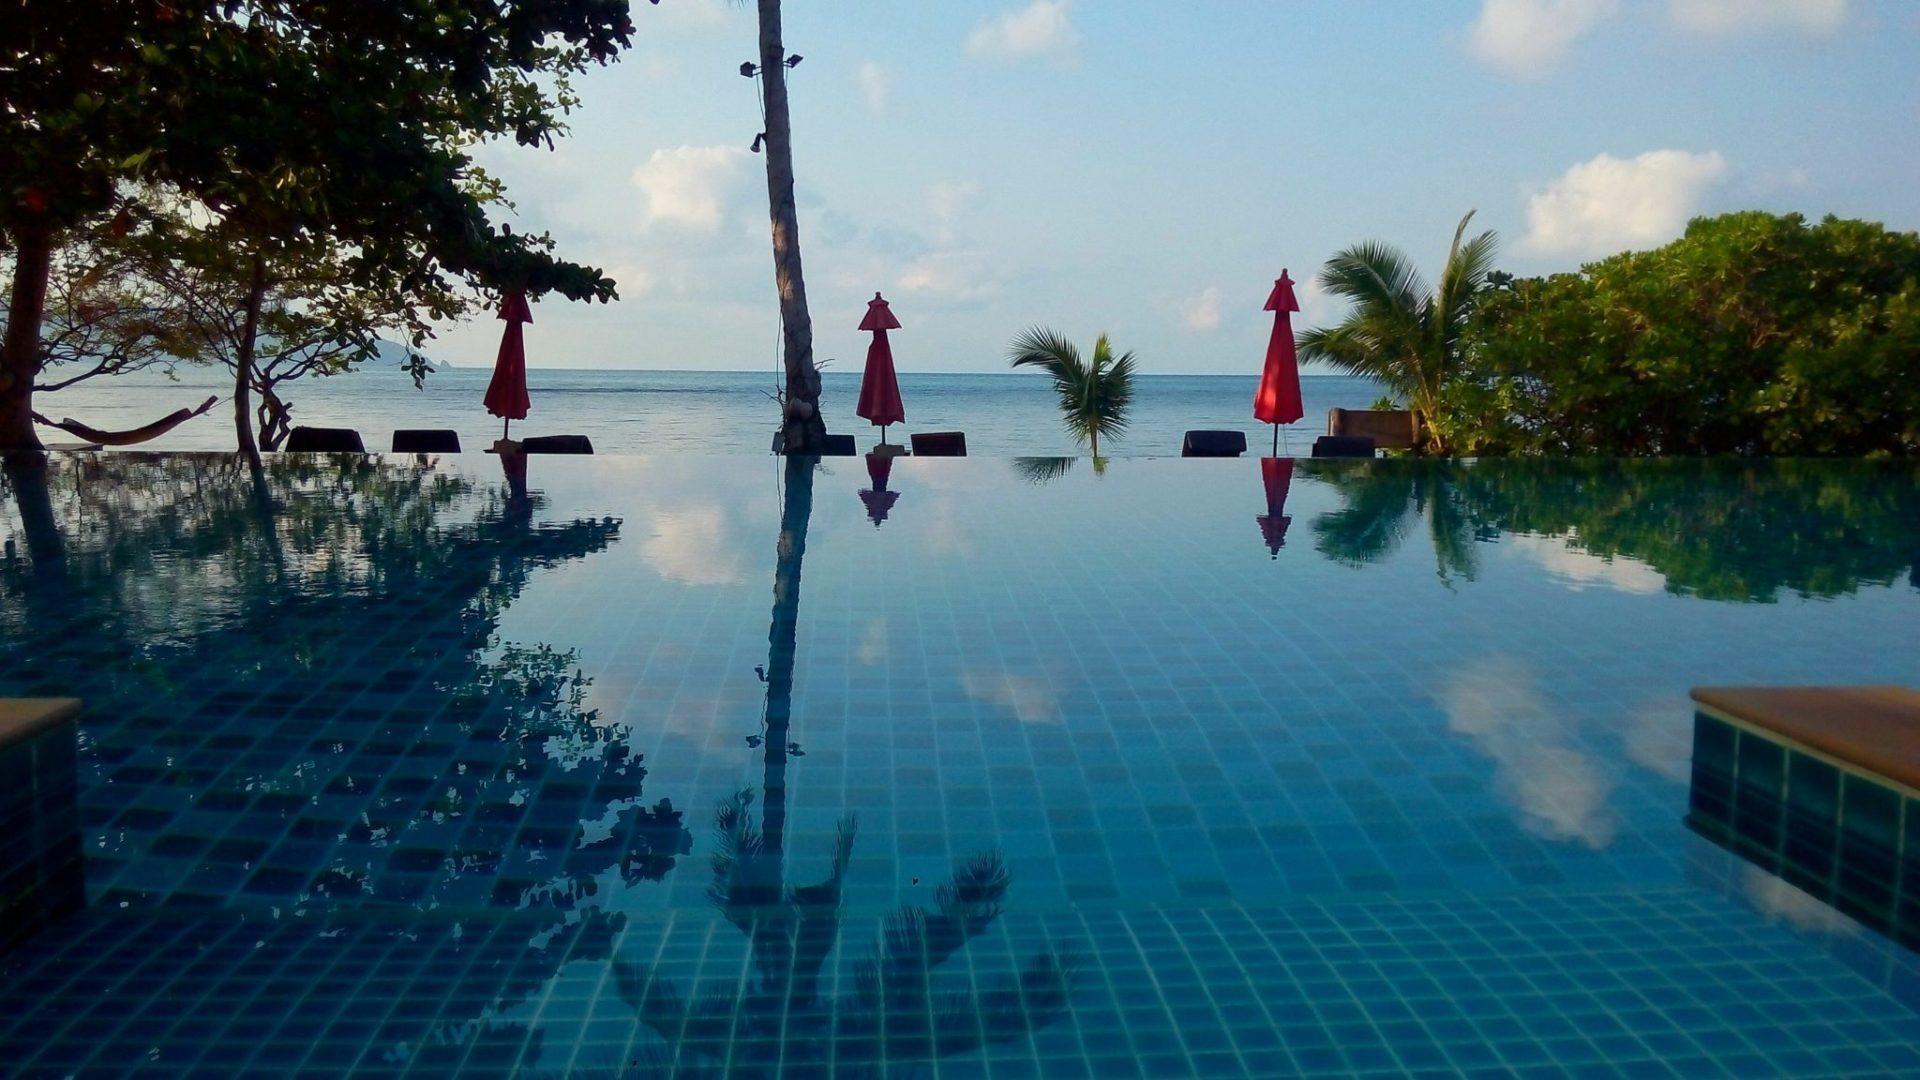 Thailand beaches, best islands in Thailand